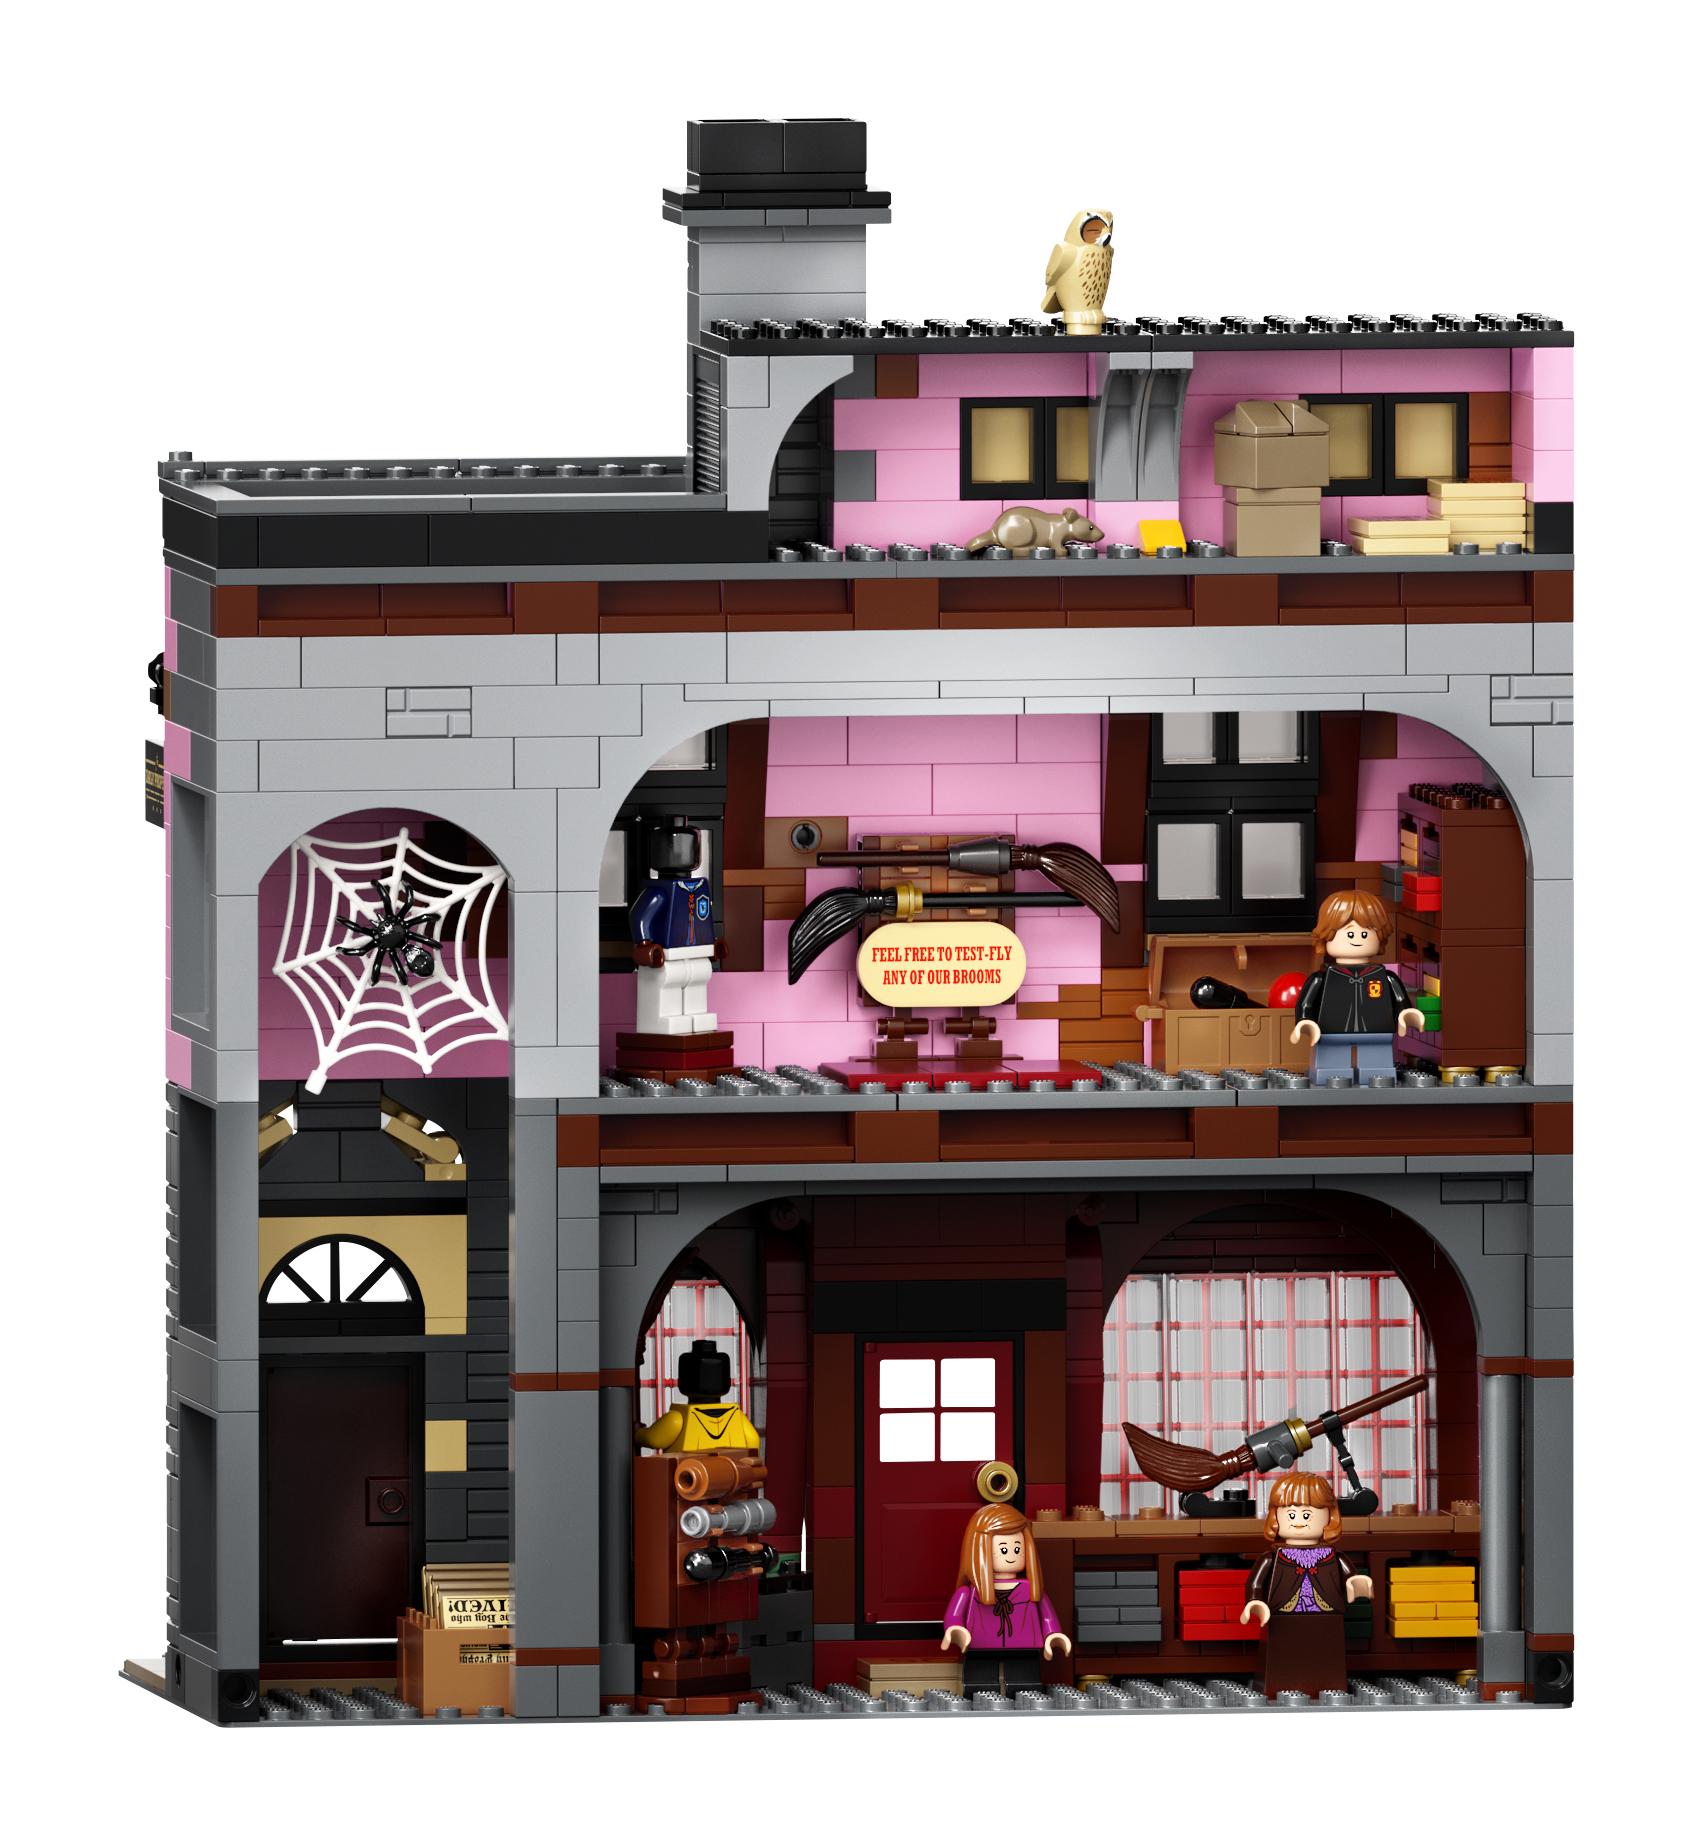 Le Chemin de Traverse en LEGO, version 2020, intérieur du magasin de quididtch